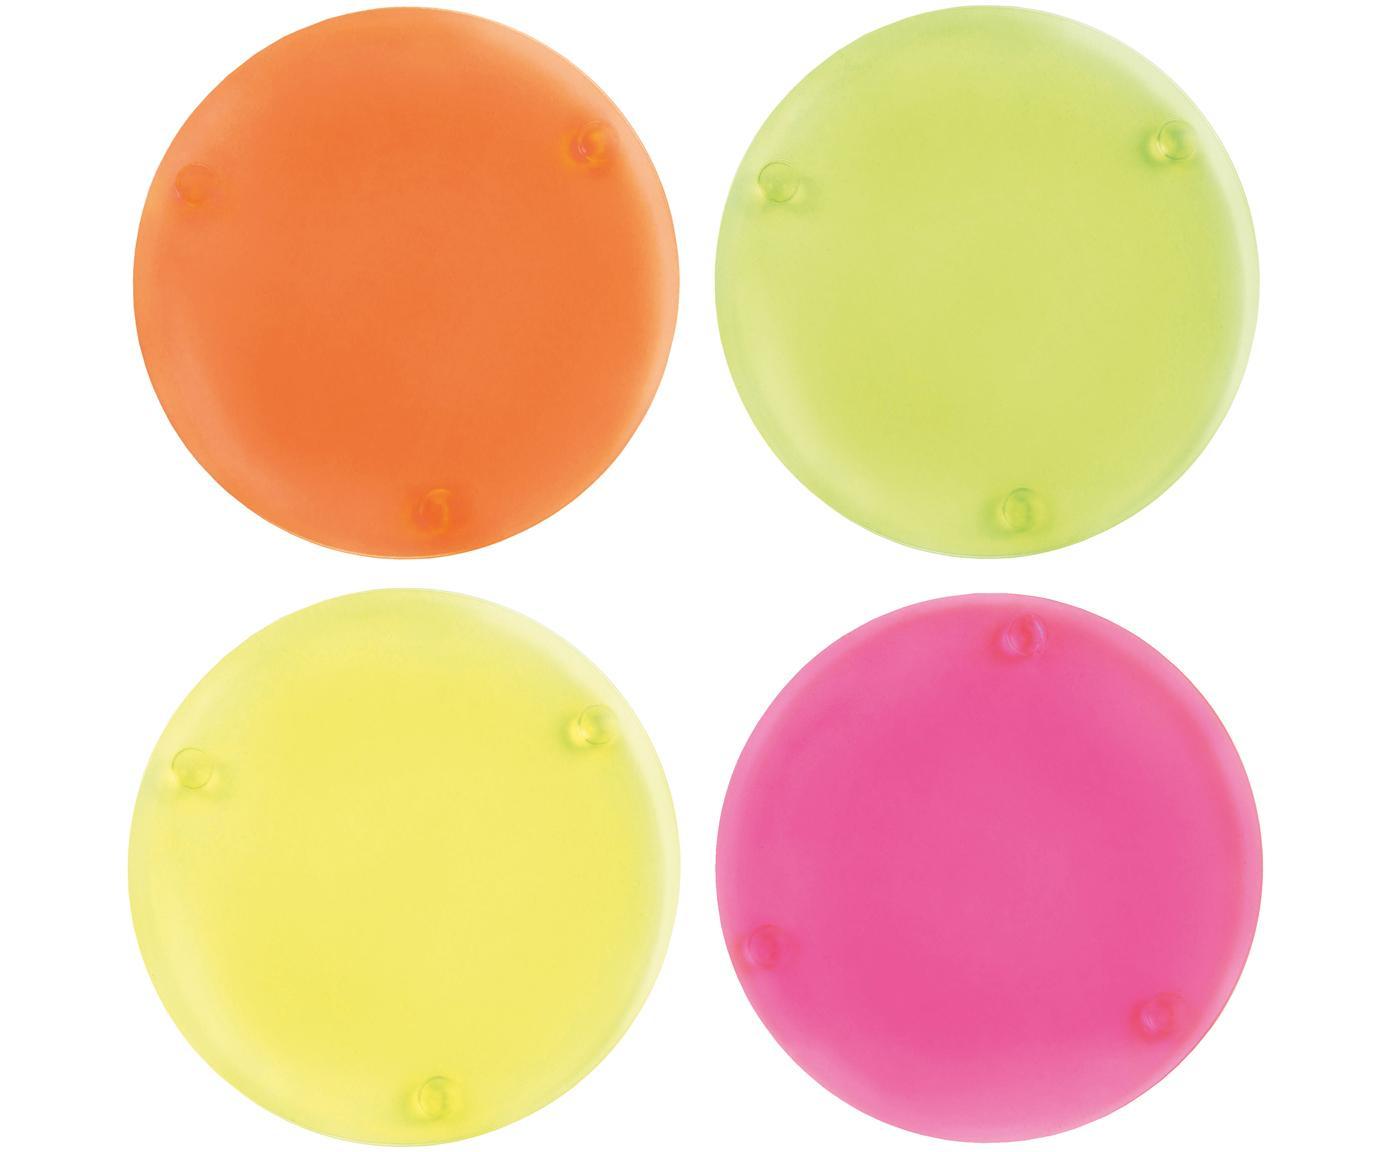 Komplet podstawek Neon, 4 szt., Akryl, Żółty, zielony, pomarańczowy, blady różowy, Ø 10 cm